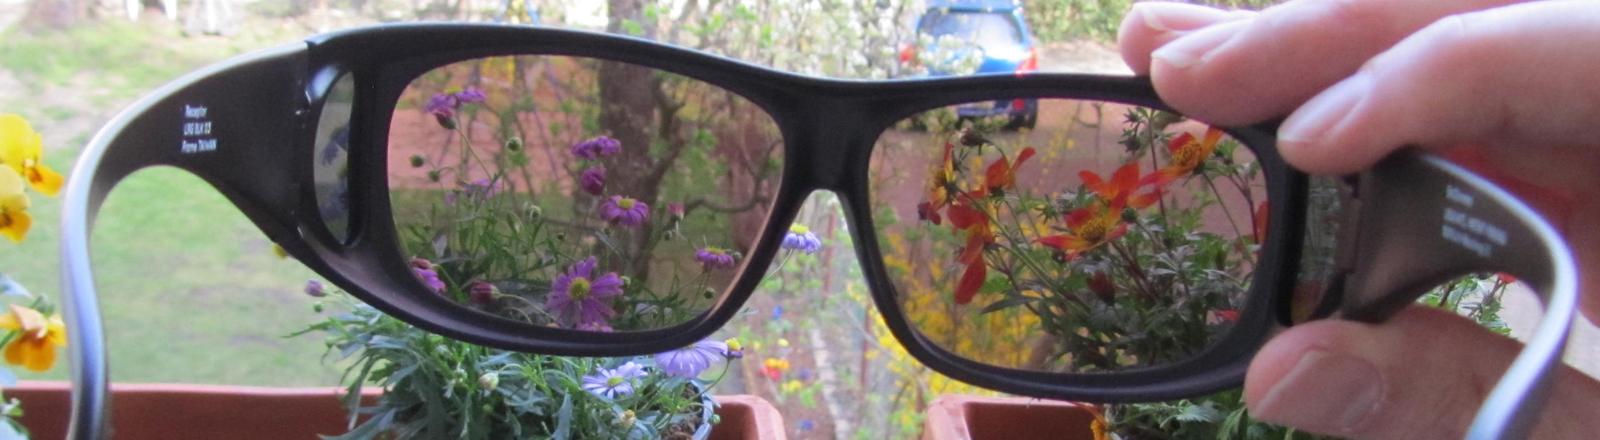 Online-Einzelhändler Verkauf Einzelhändler preiswert kaufen Rot-Grün-Schwäche: Eine Brille macht die Welt bunter · Dlf Nova